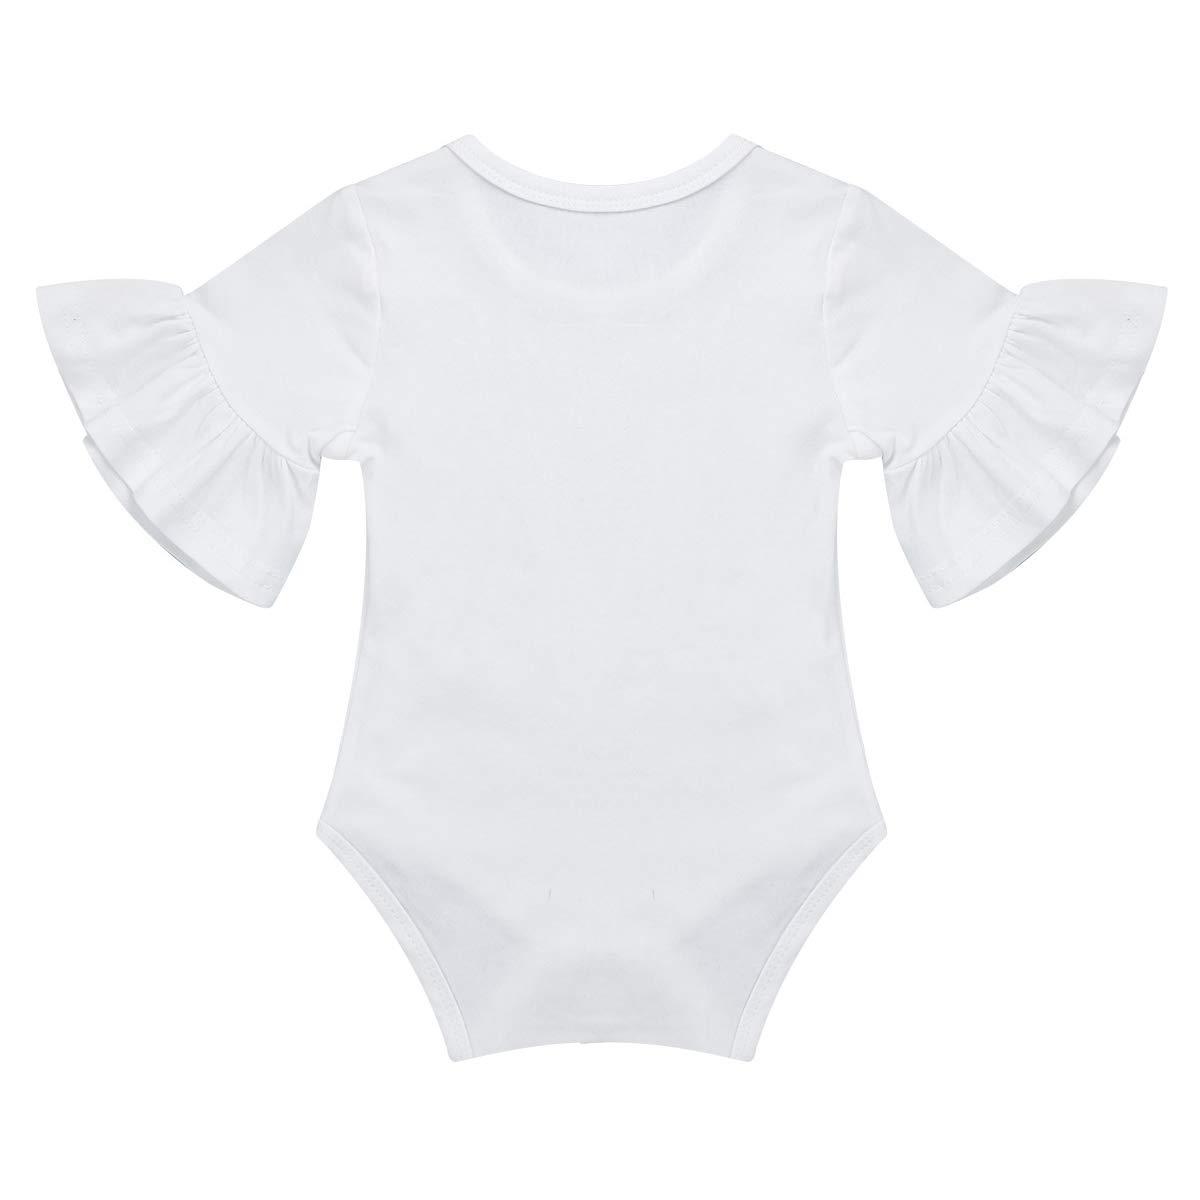 iEFiEL Baby M/ädchen Body Baumwolle mit Fl/ügel/ärmel Spitze R/üschen Overalls Kleinkind Spielanzug Babykleidung gr 68 74 80 86 92